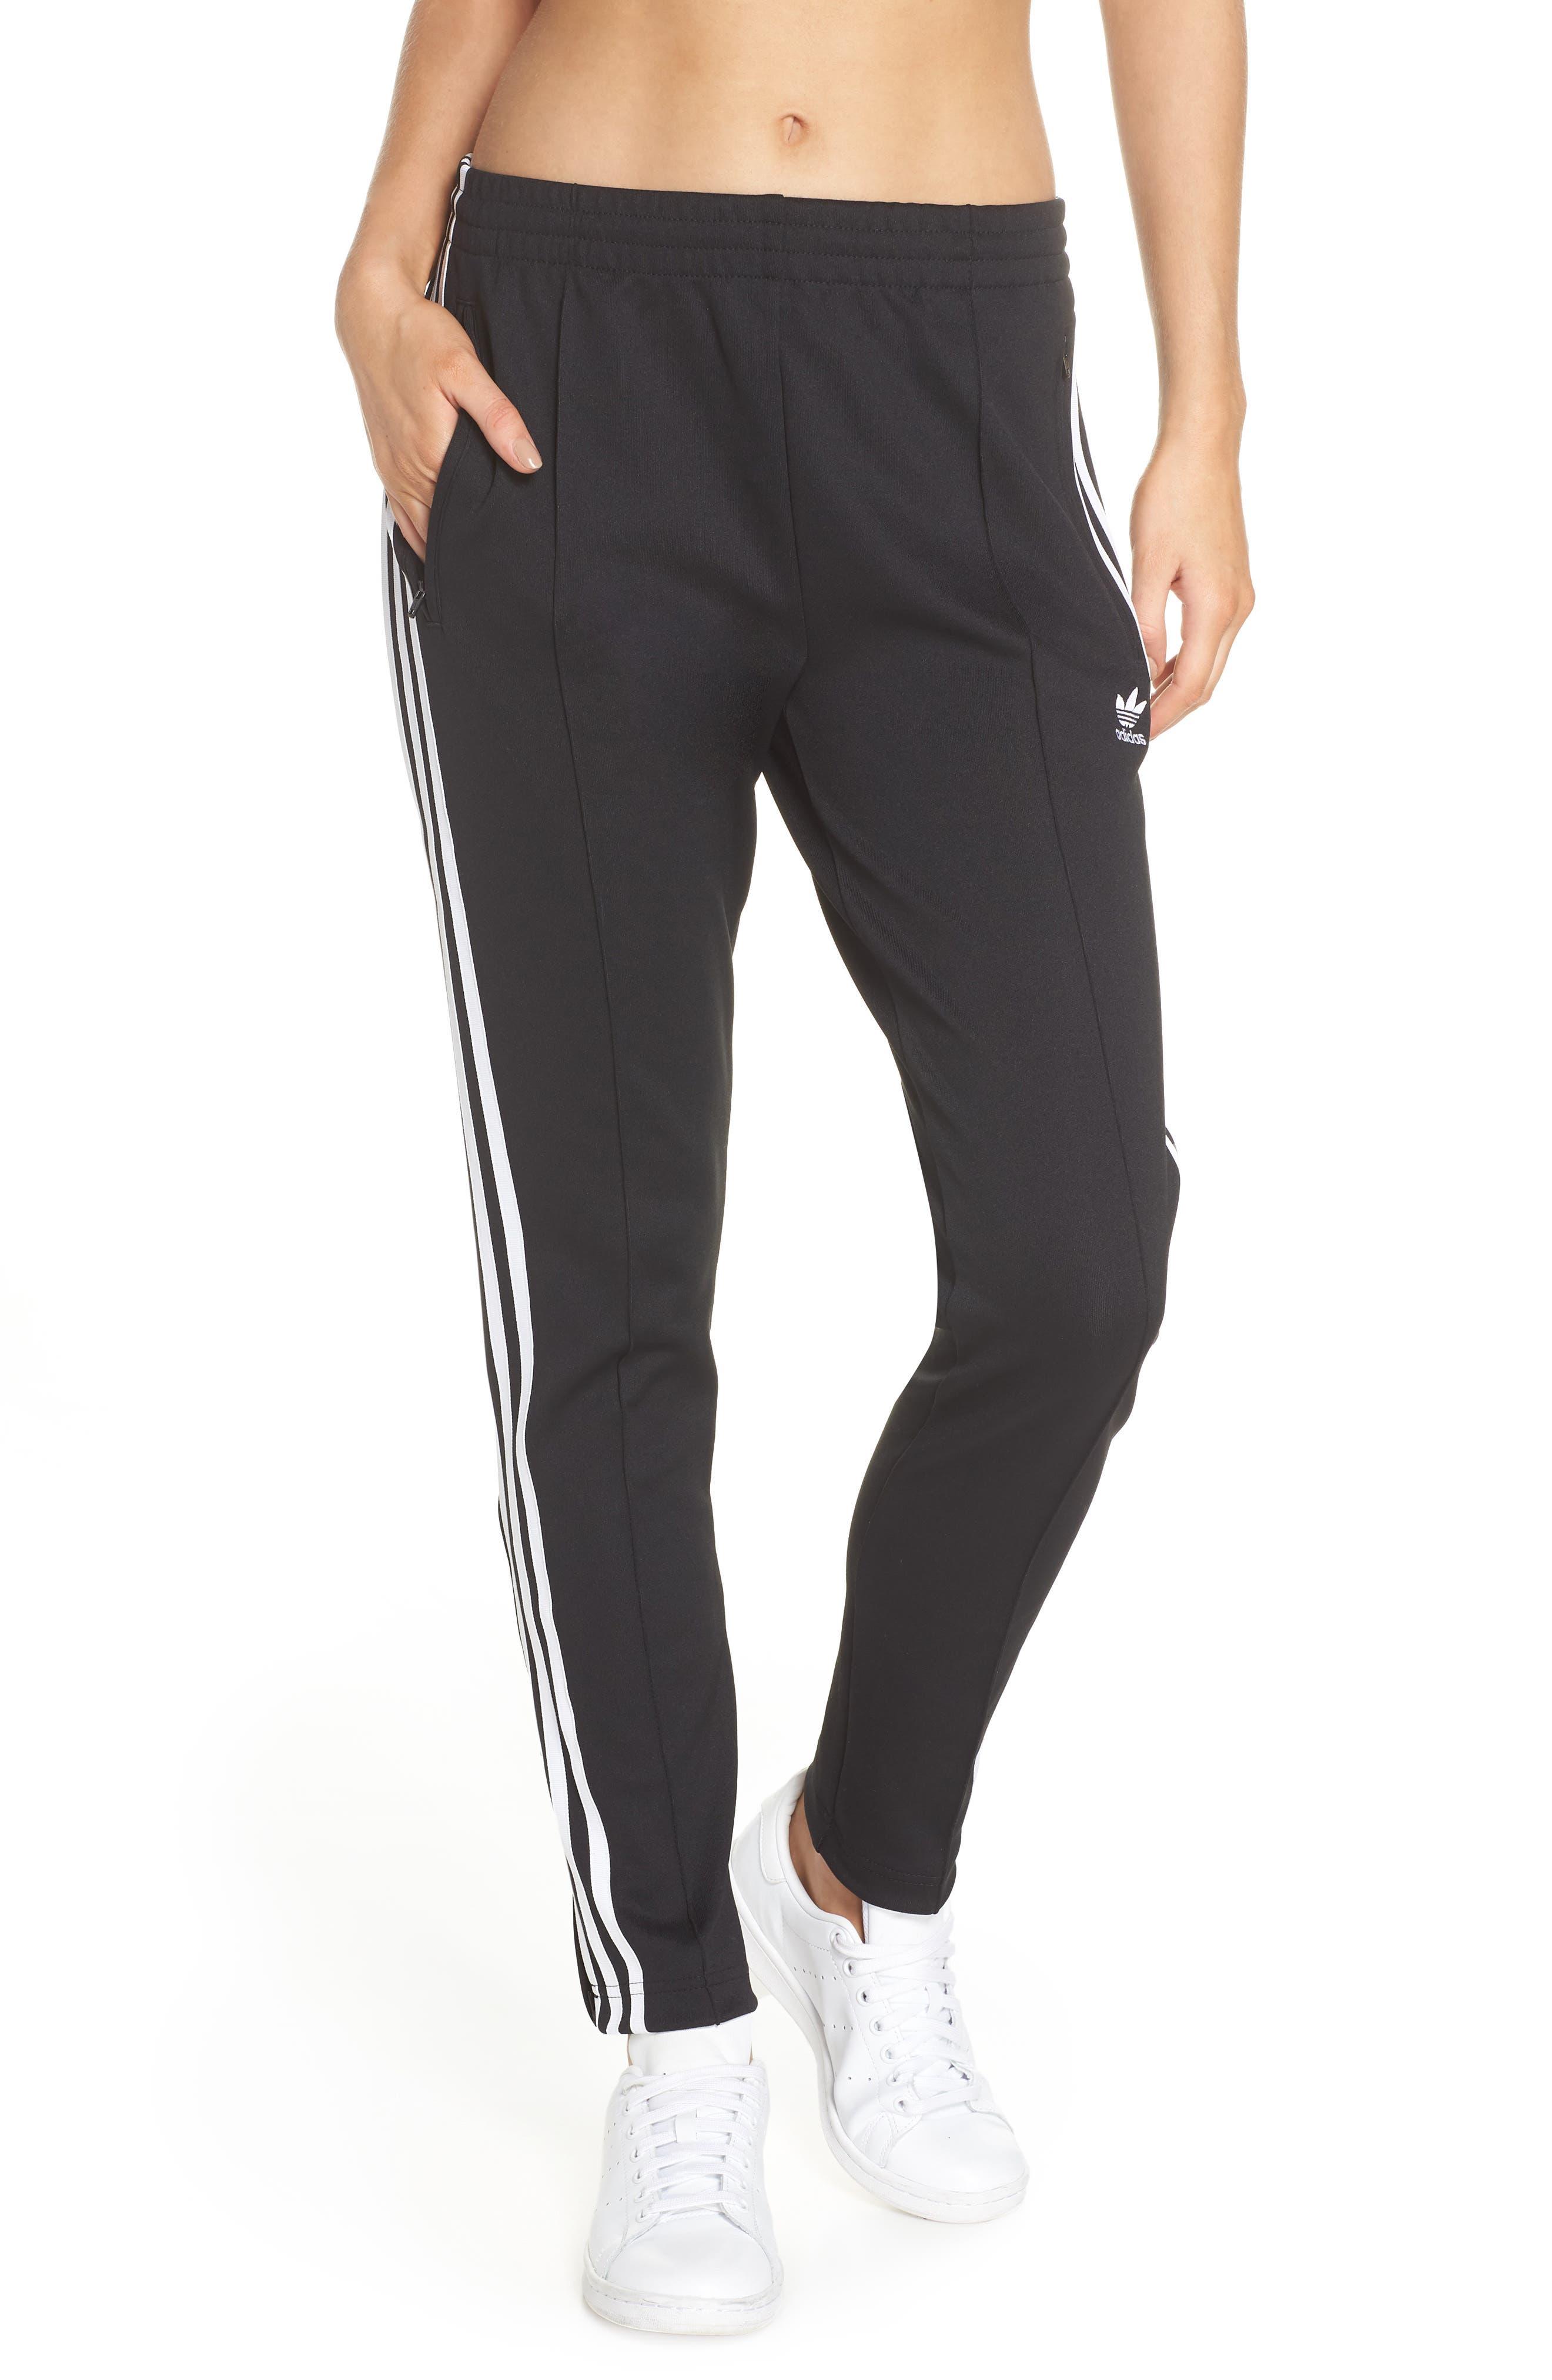 SST Track Pants,                         Main,                         color, BLACK